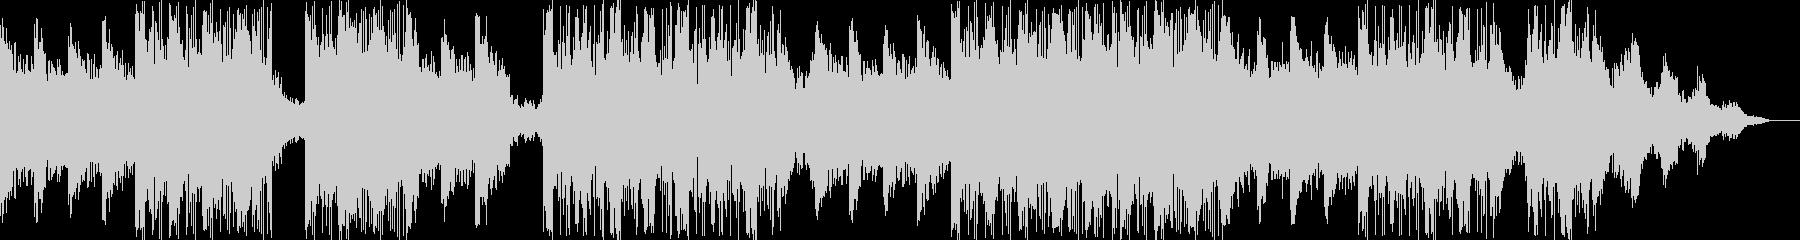 オシャレでダークなピアノBGMの未再生の波形